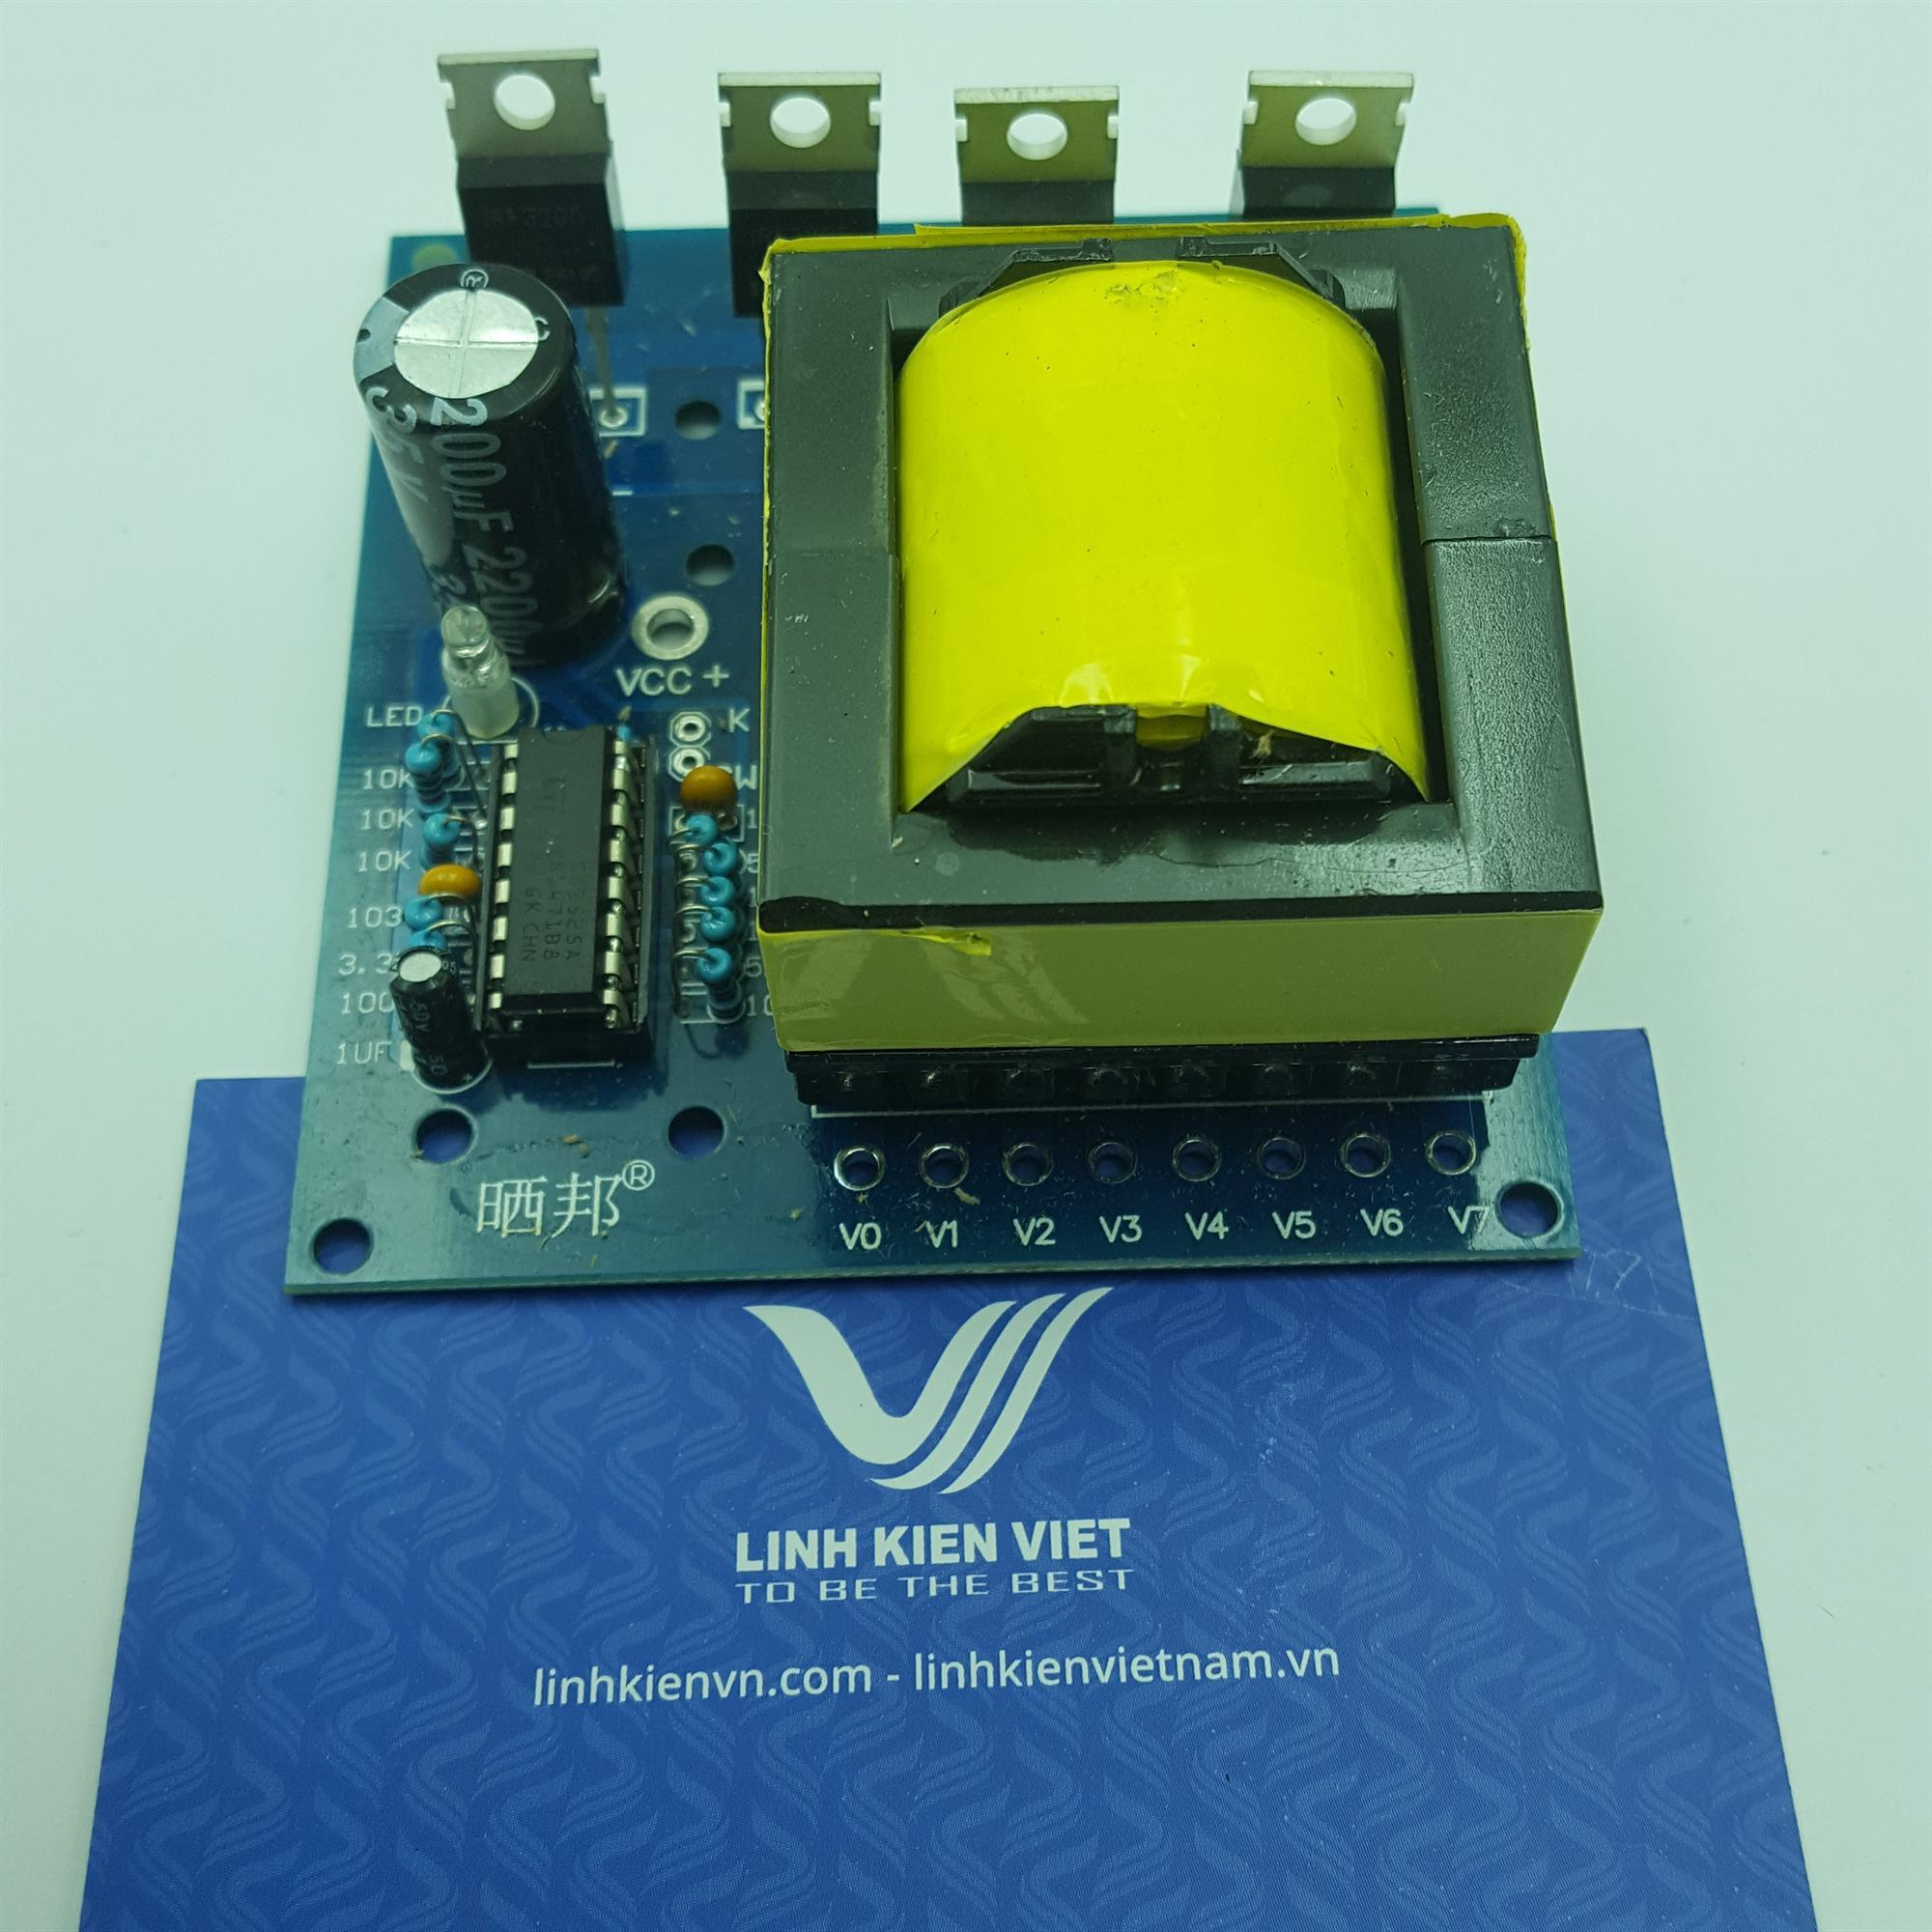 Mạch chuyển đổi điện áp DC-AC Inverter 12VDC - 18VAC, 220VAC, 380VAC / Mạch tăng áp- J1H18